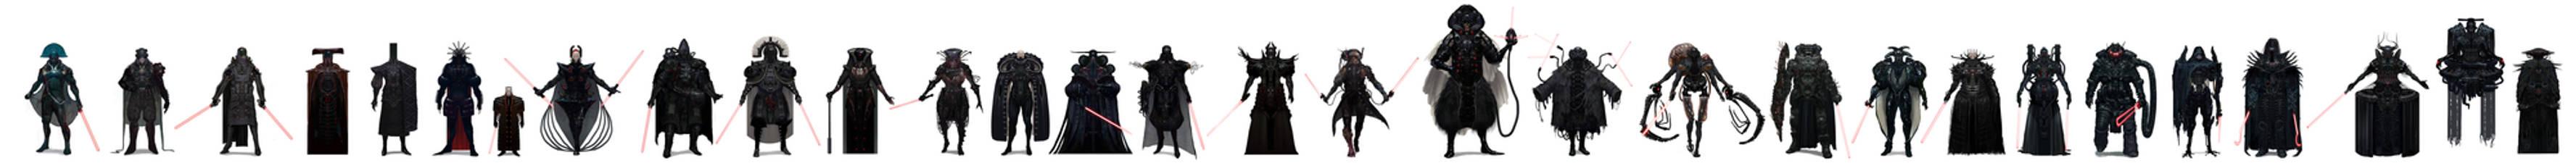 Vader Lineup